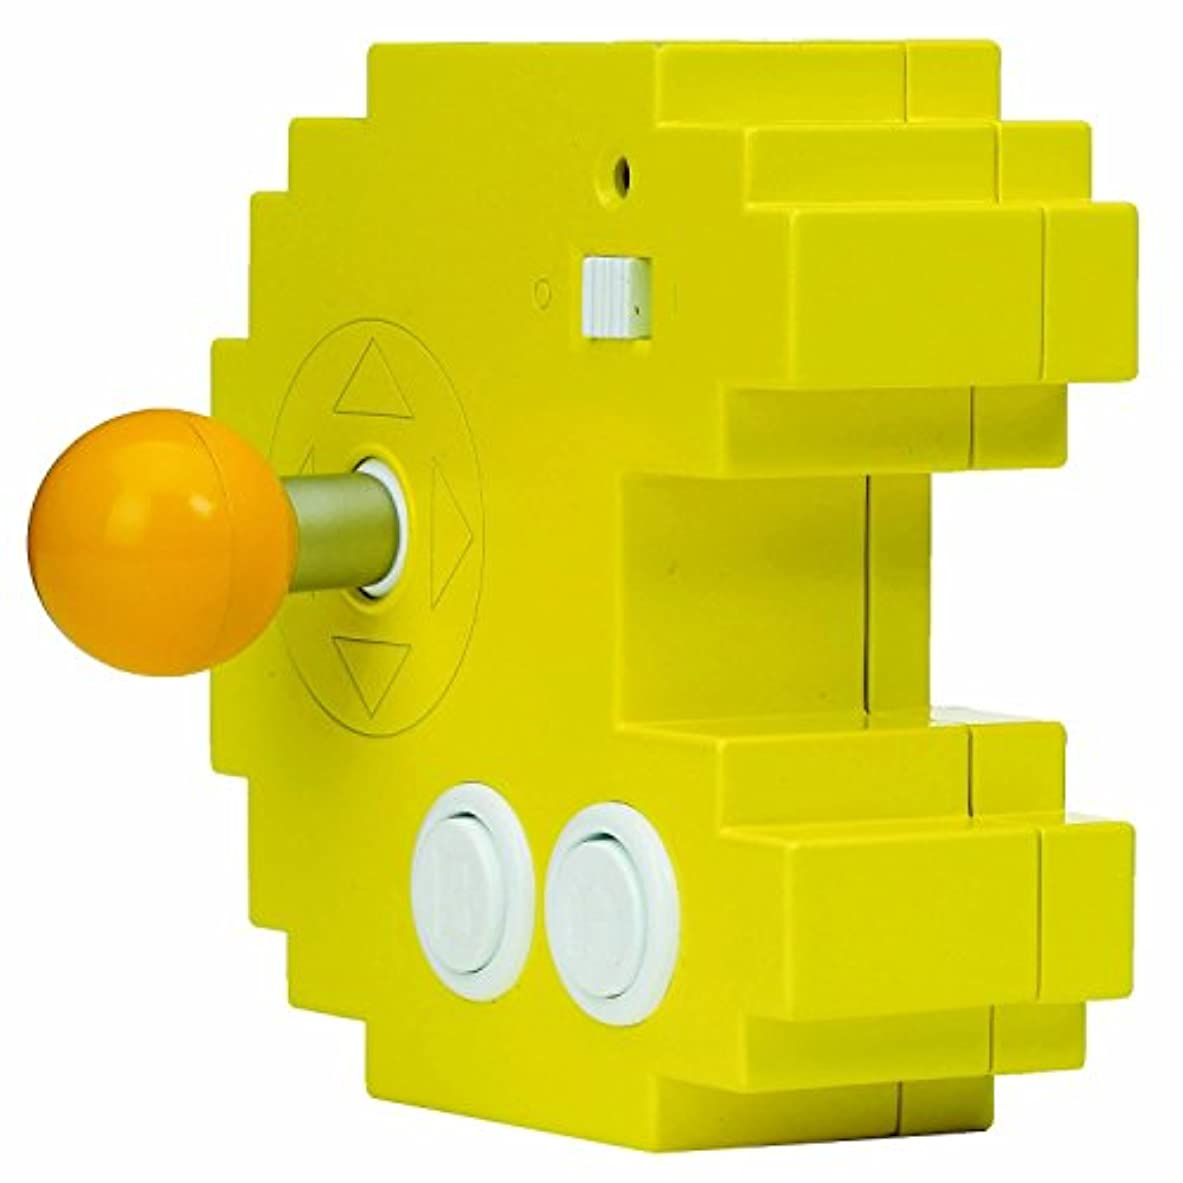 薄汚い渦あざナムコ名作ゲーム 12種類 テレビに繋げるだけで直ぐプレイ! 「パックマン コネクト&プレイ」